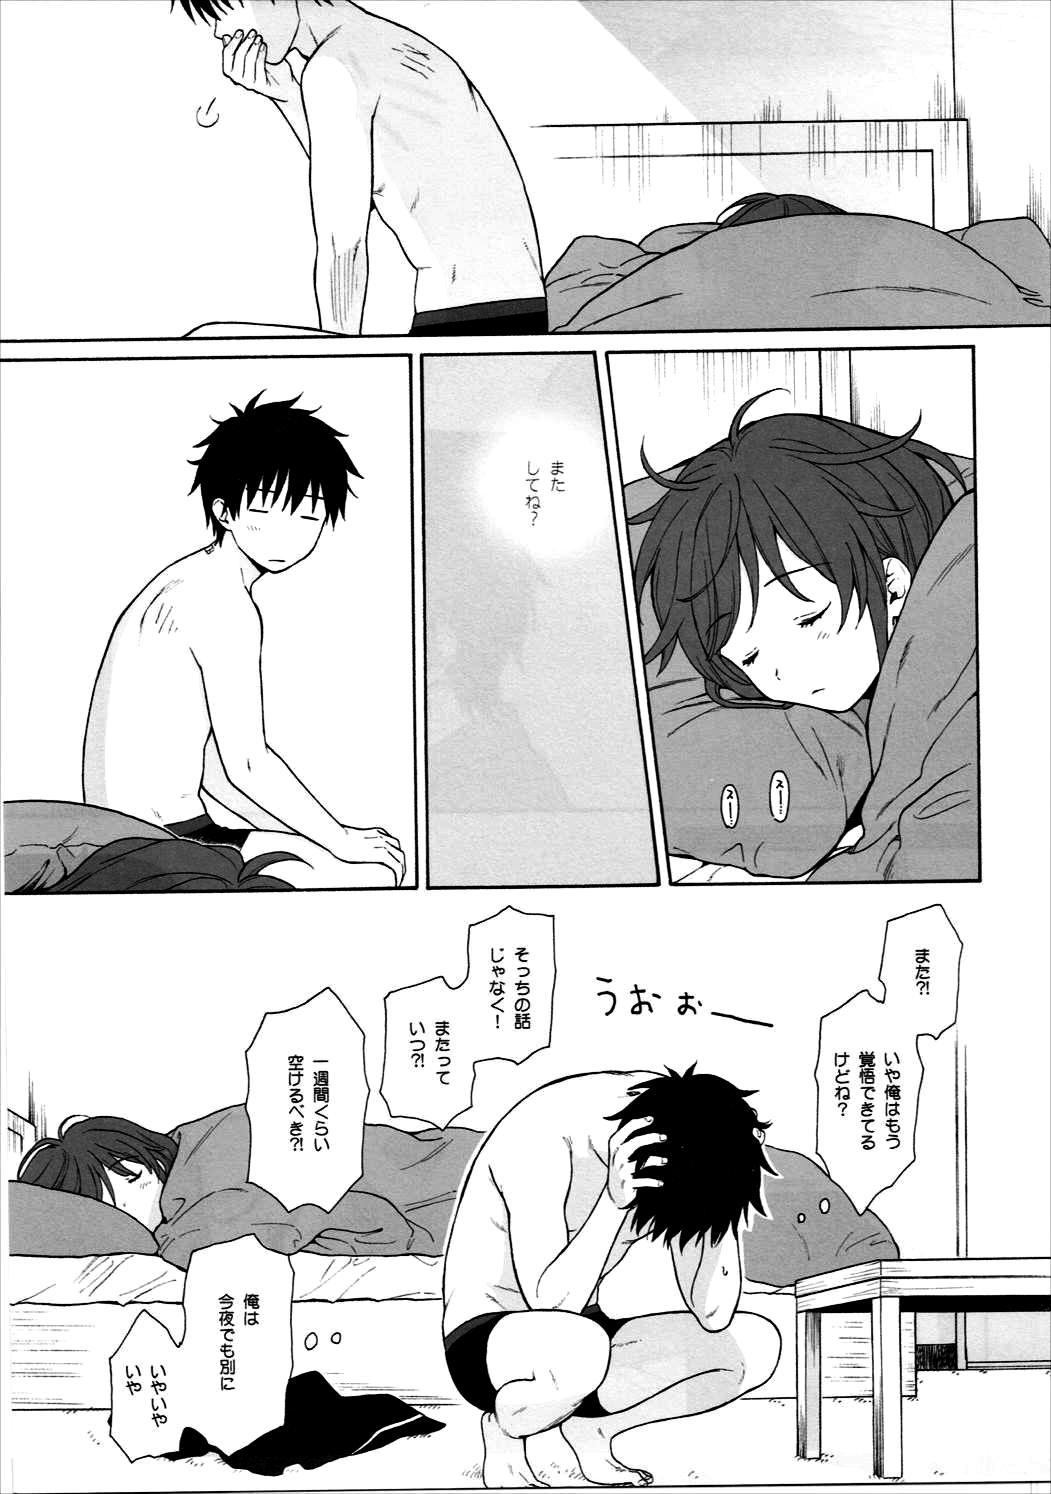 Good Morning Chiba 51